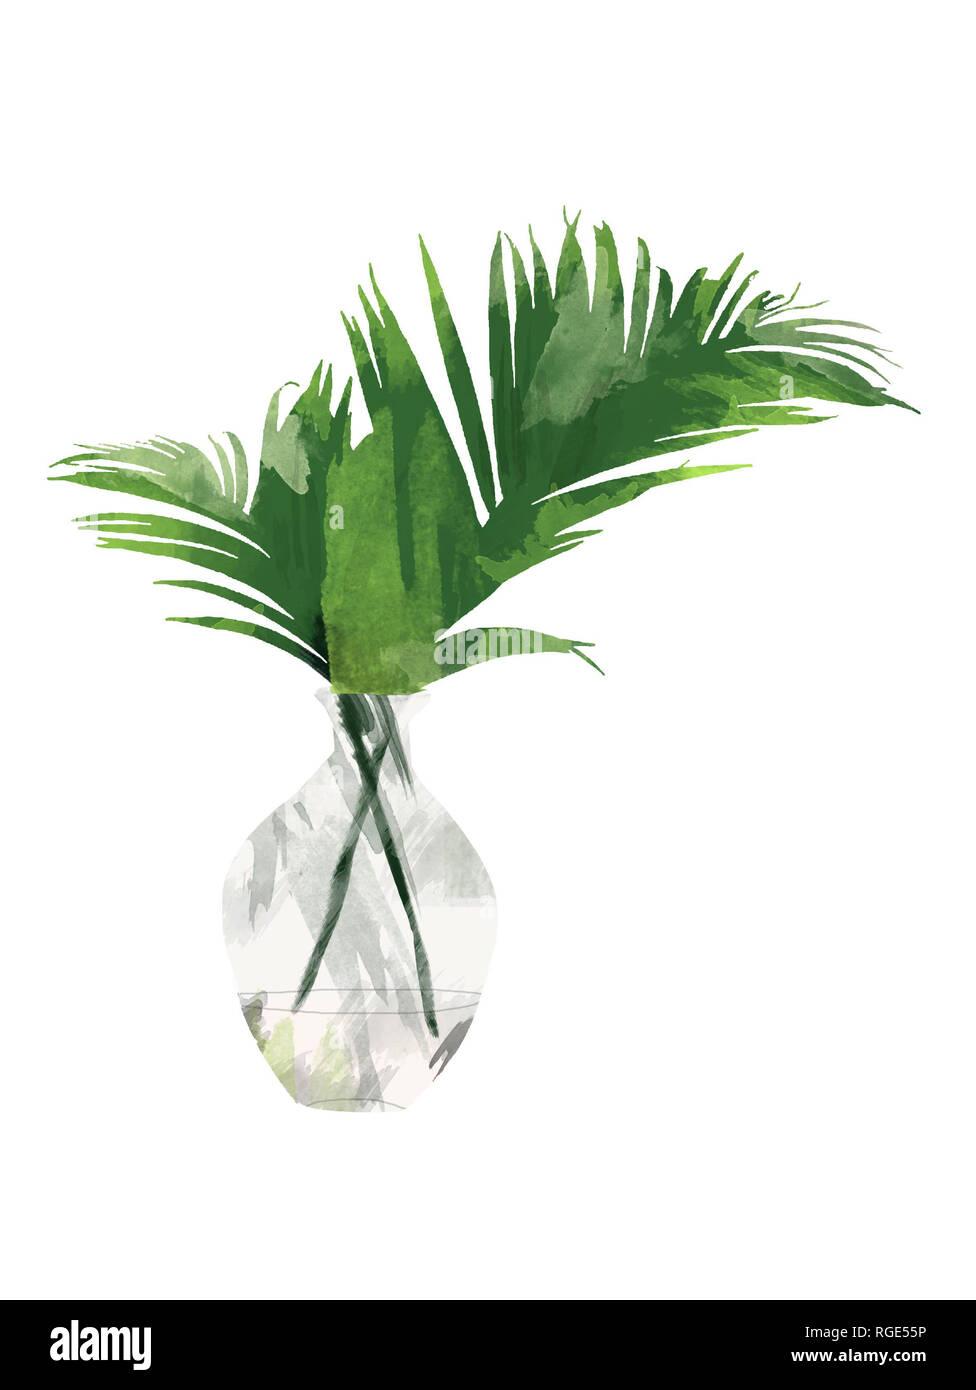 Peint à la main des feuilles de palmier d'Arec tropicales dans la bouteille ou le vase isolé sur fond blanc. Clip art botanique floral pour la conception ou d'impression - Illustration Photo Stock